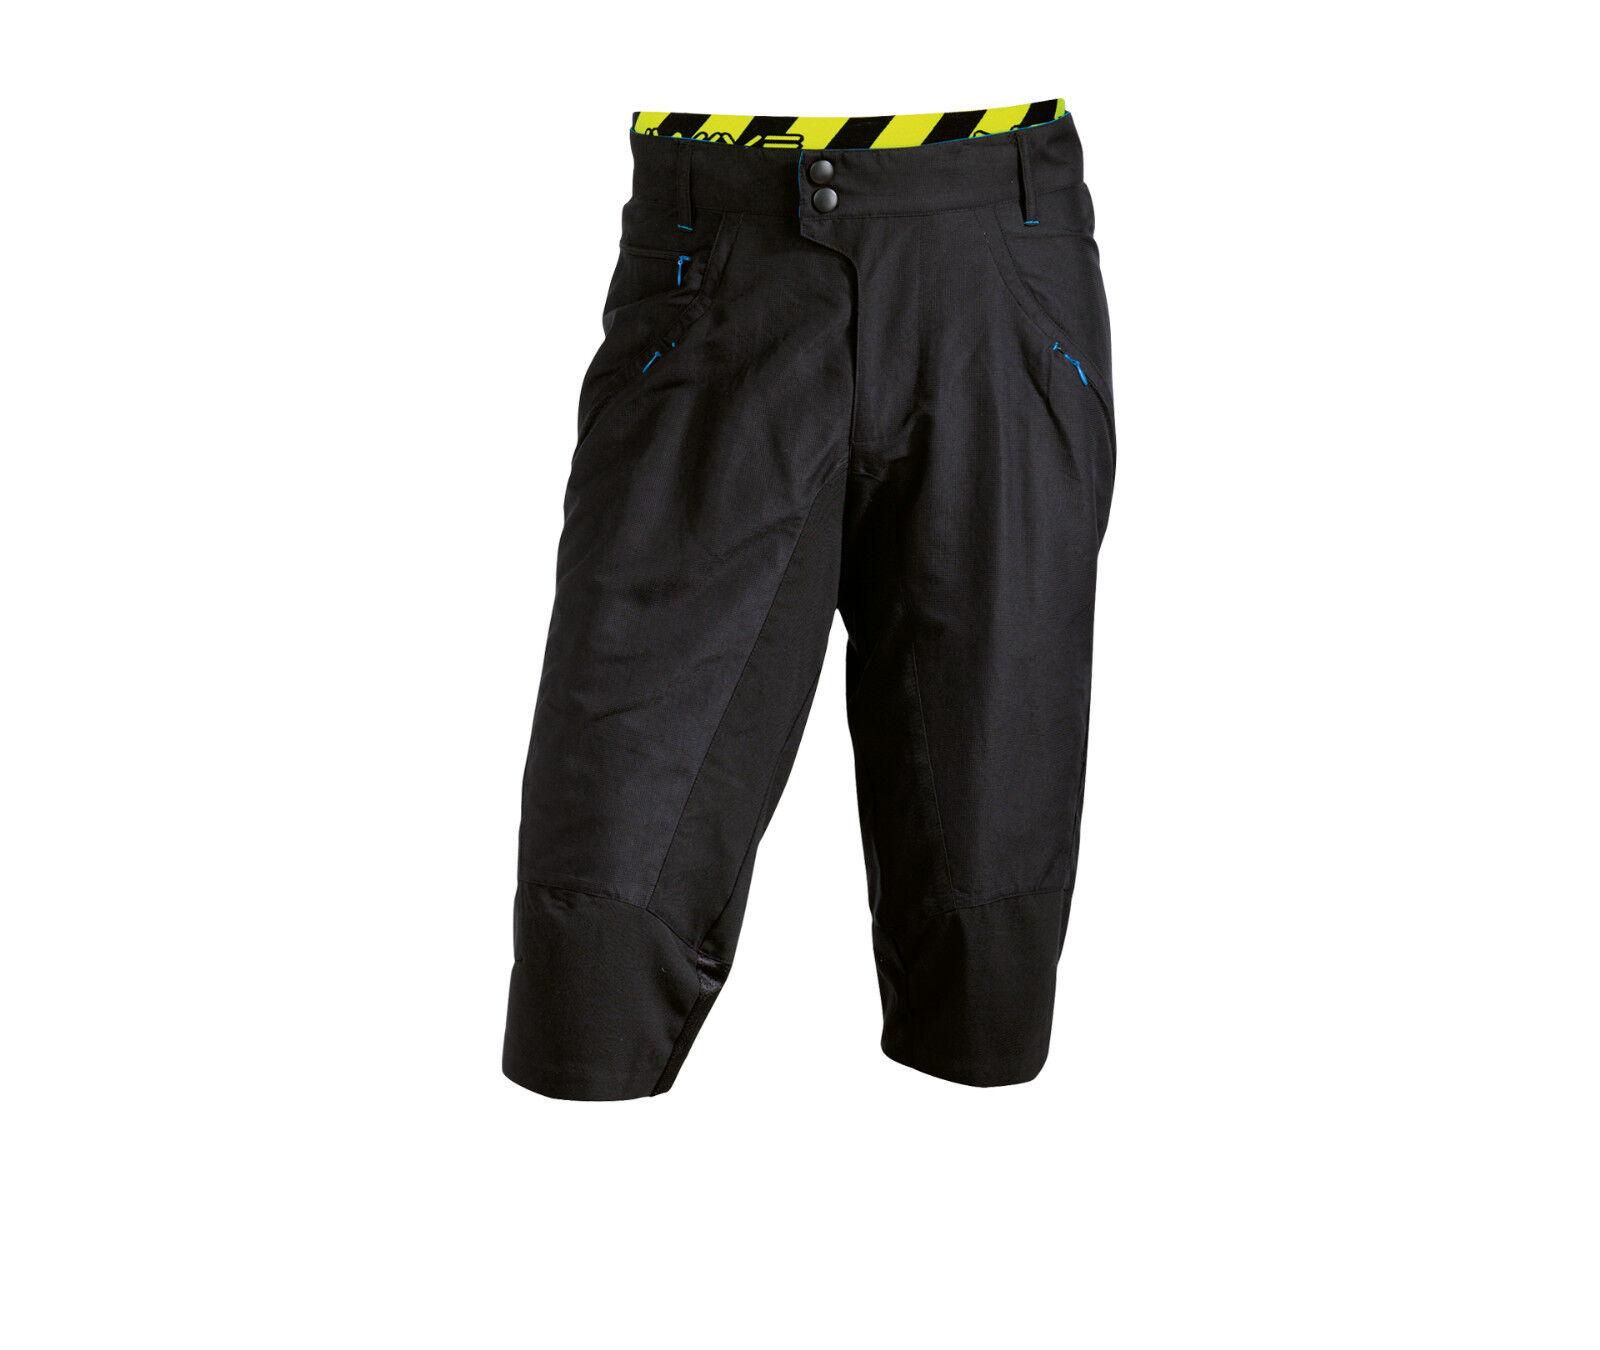 Pantaloncino NORTHWAVE Mod.ROCKER BolsoGY Color negro  SHORTS NORTHWAVE ROCKER  con 60% de descuento